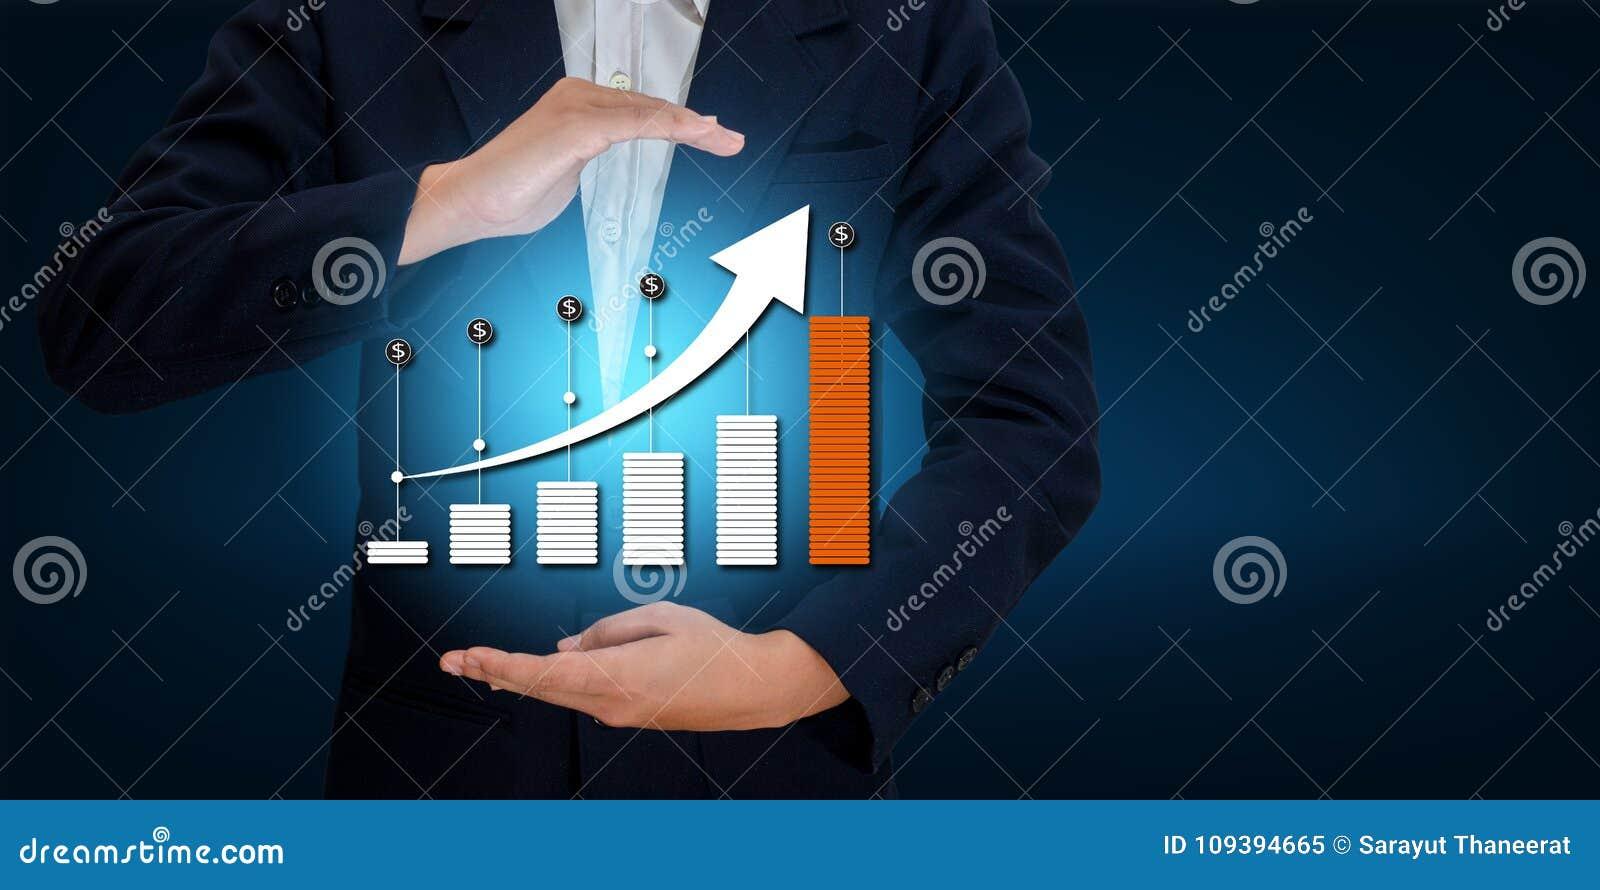 Таблица дела диаграммы бизнесмена руки сняла вверх по увеличению